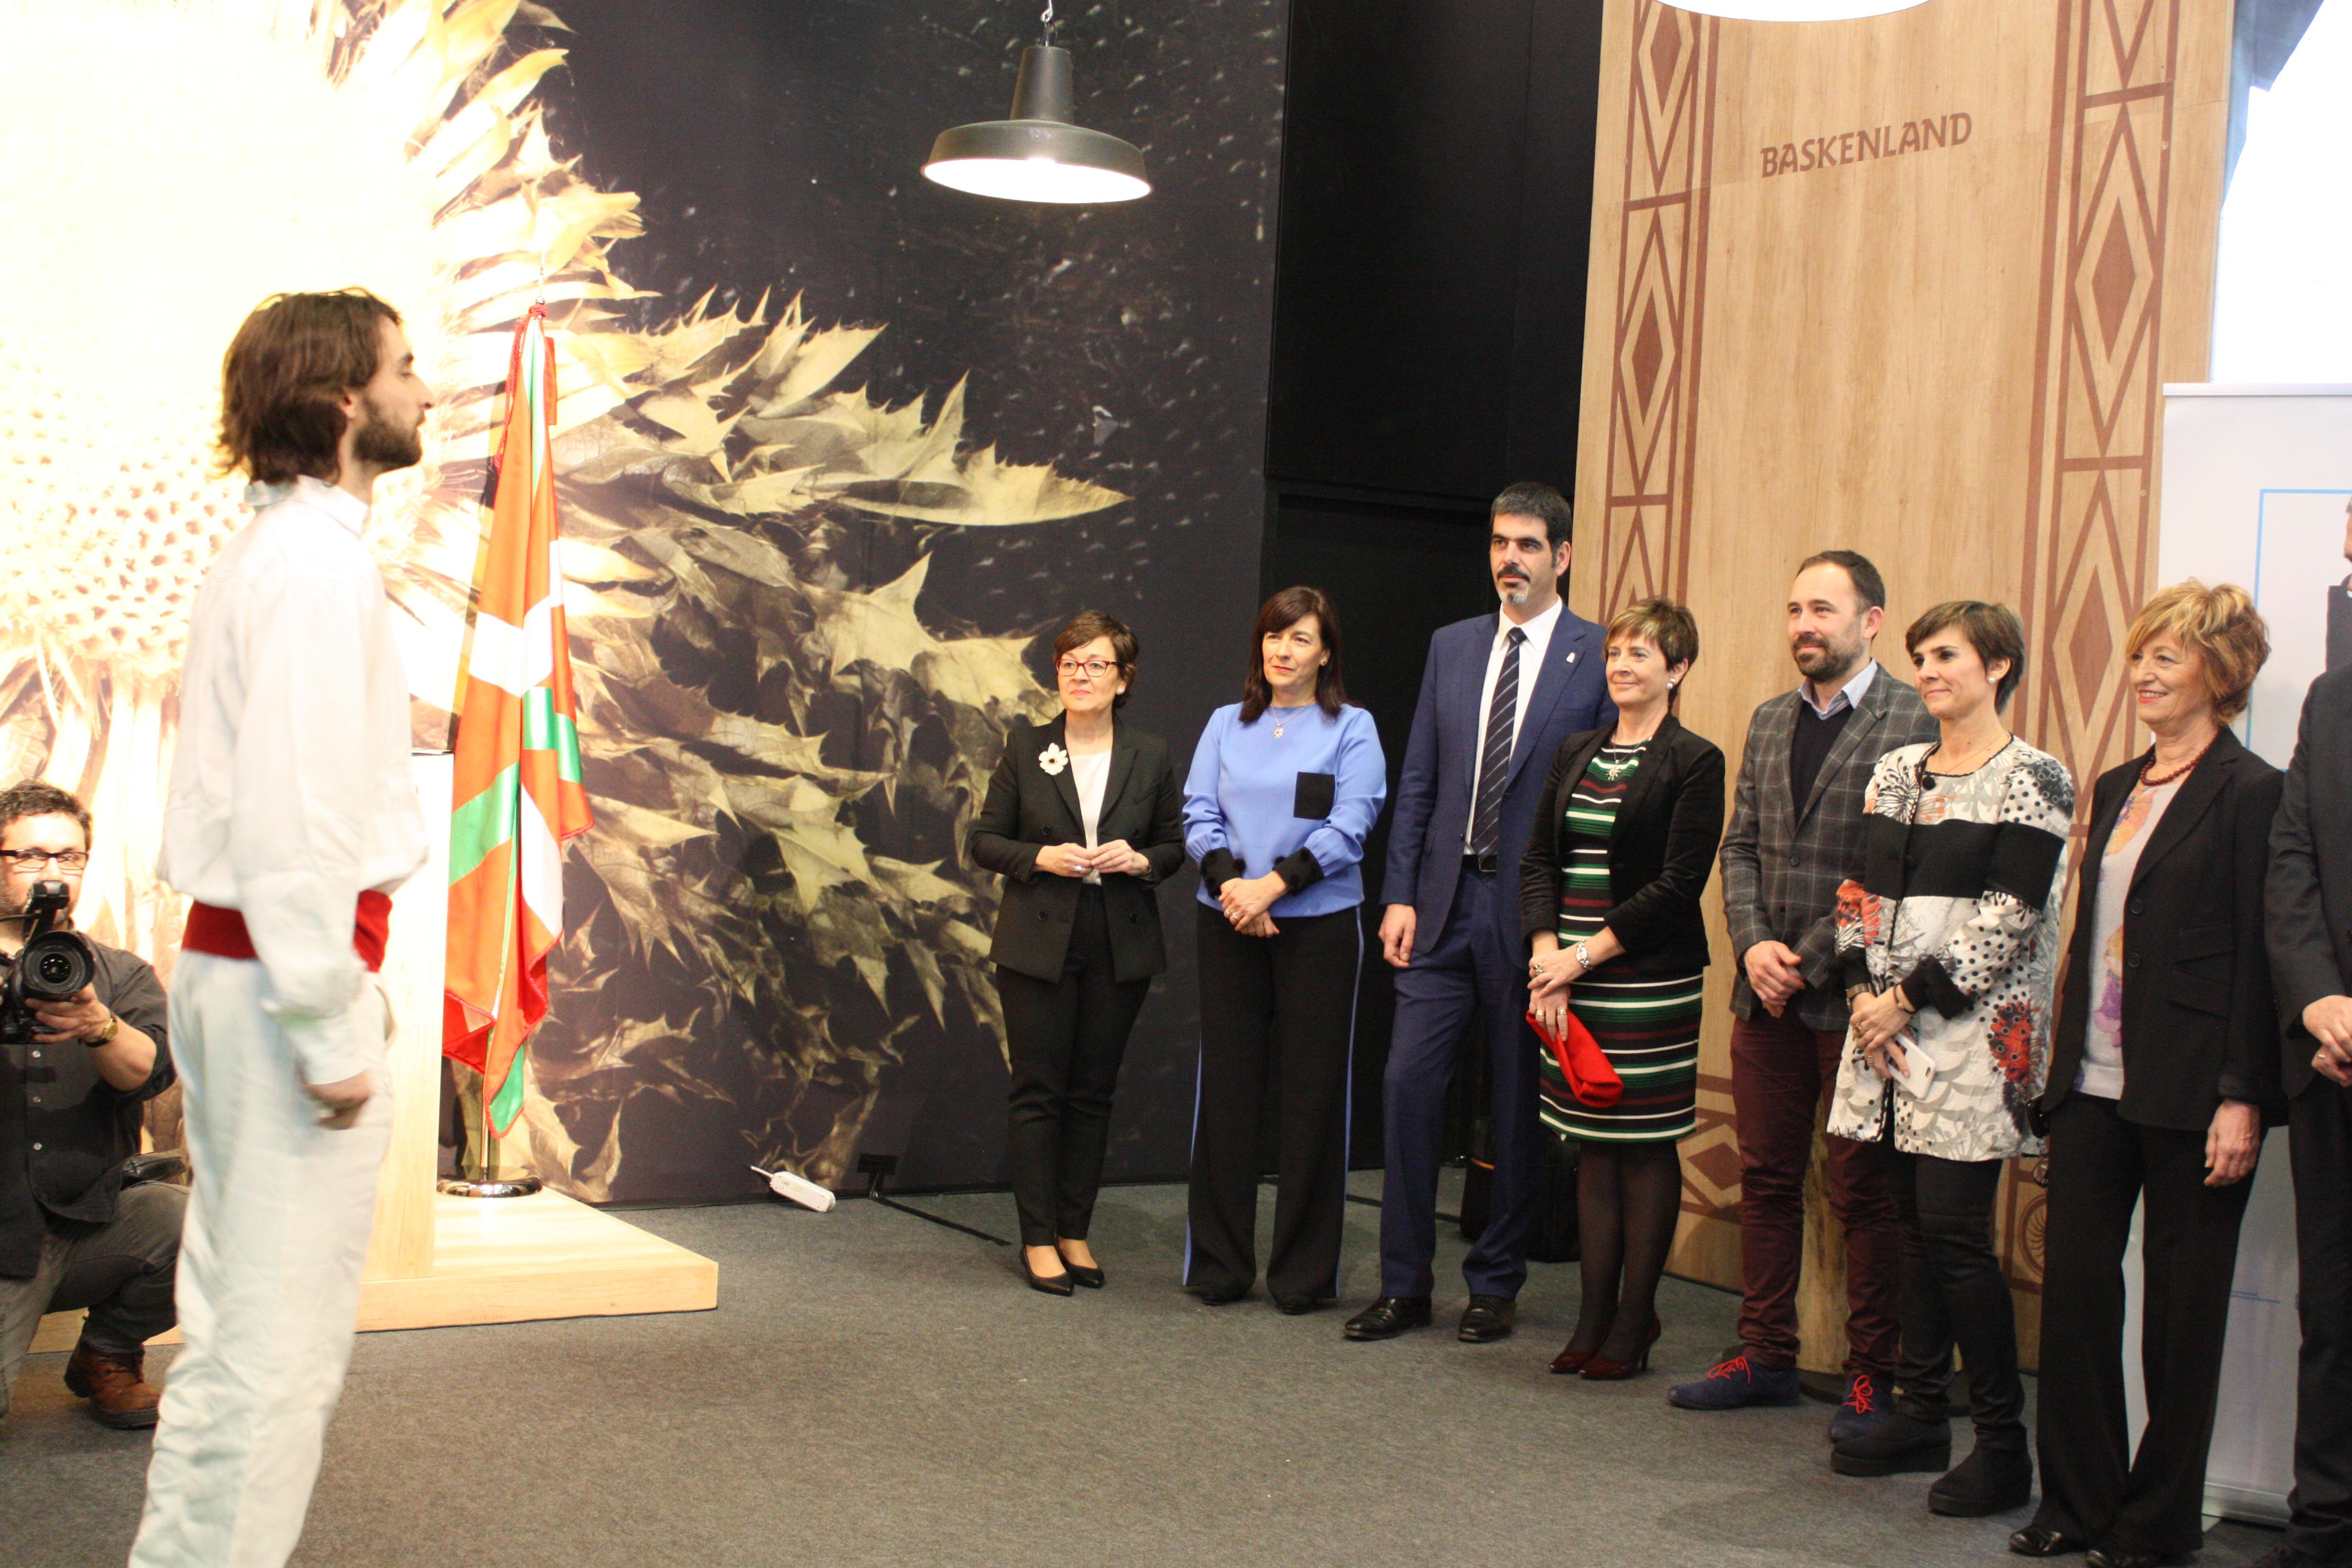 Turismo-eskaintza sendoa aurkeztuko du Euskadik Berlingo ITB Ferian, lehen aldiz stand propioa paratuta